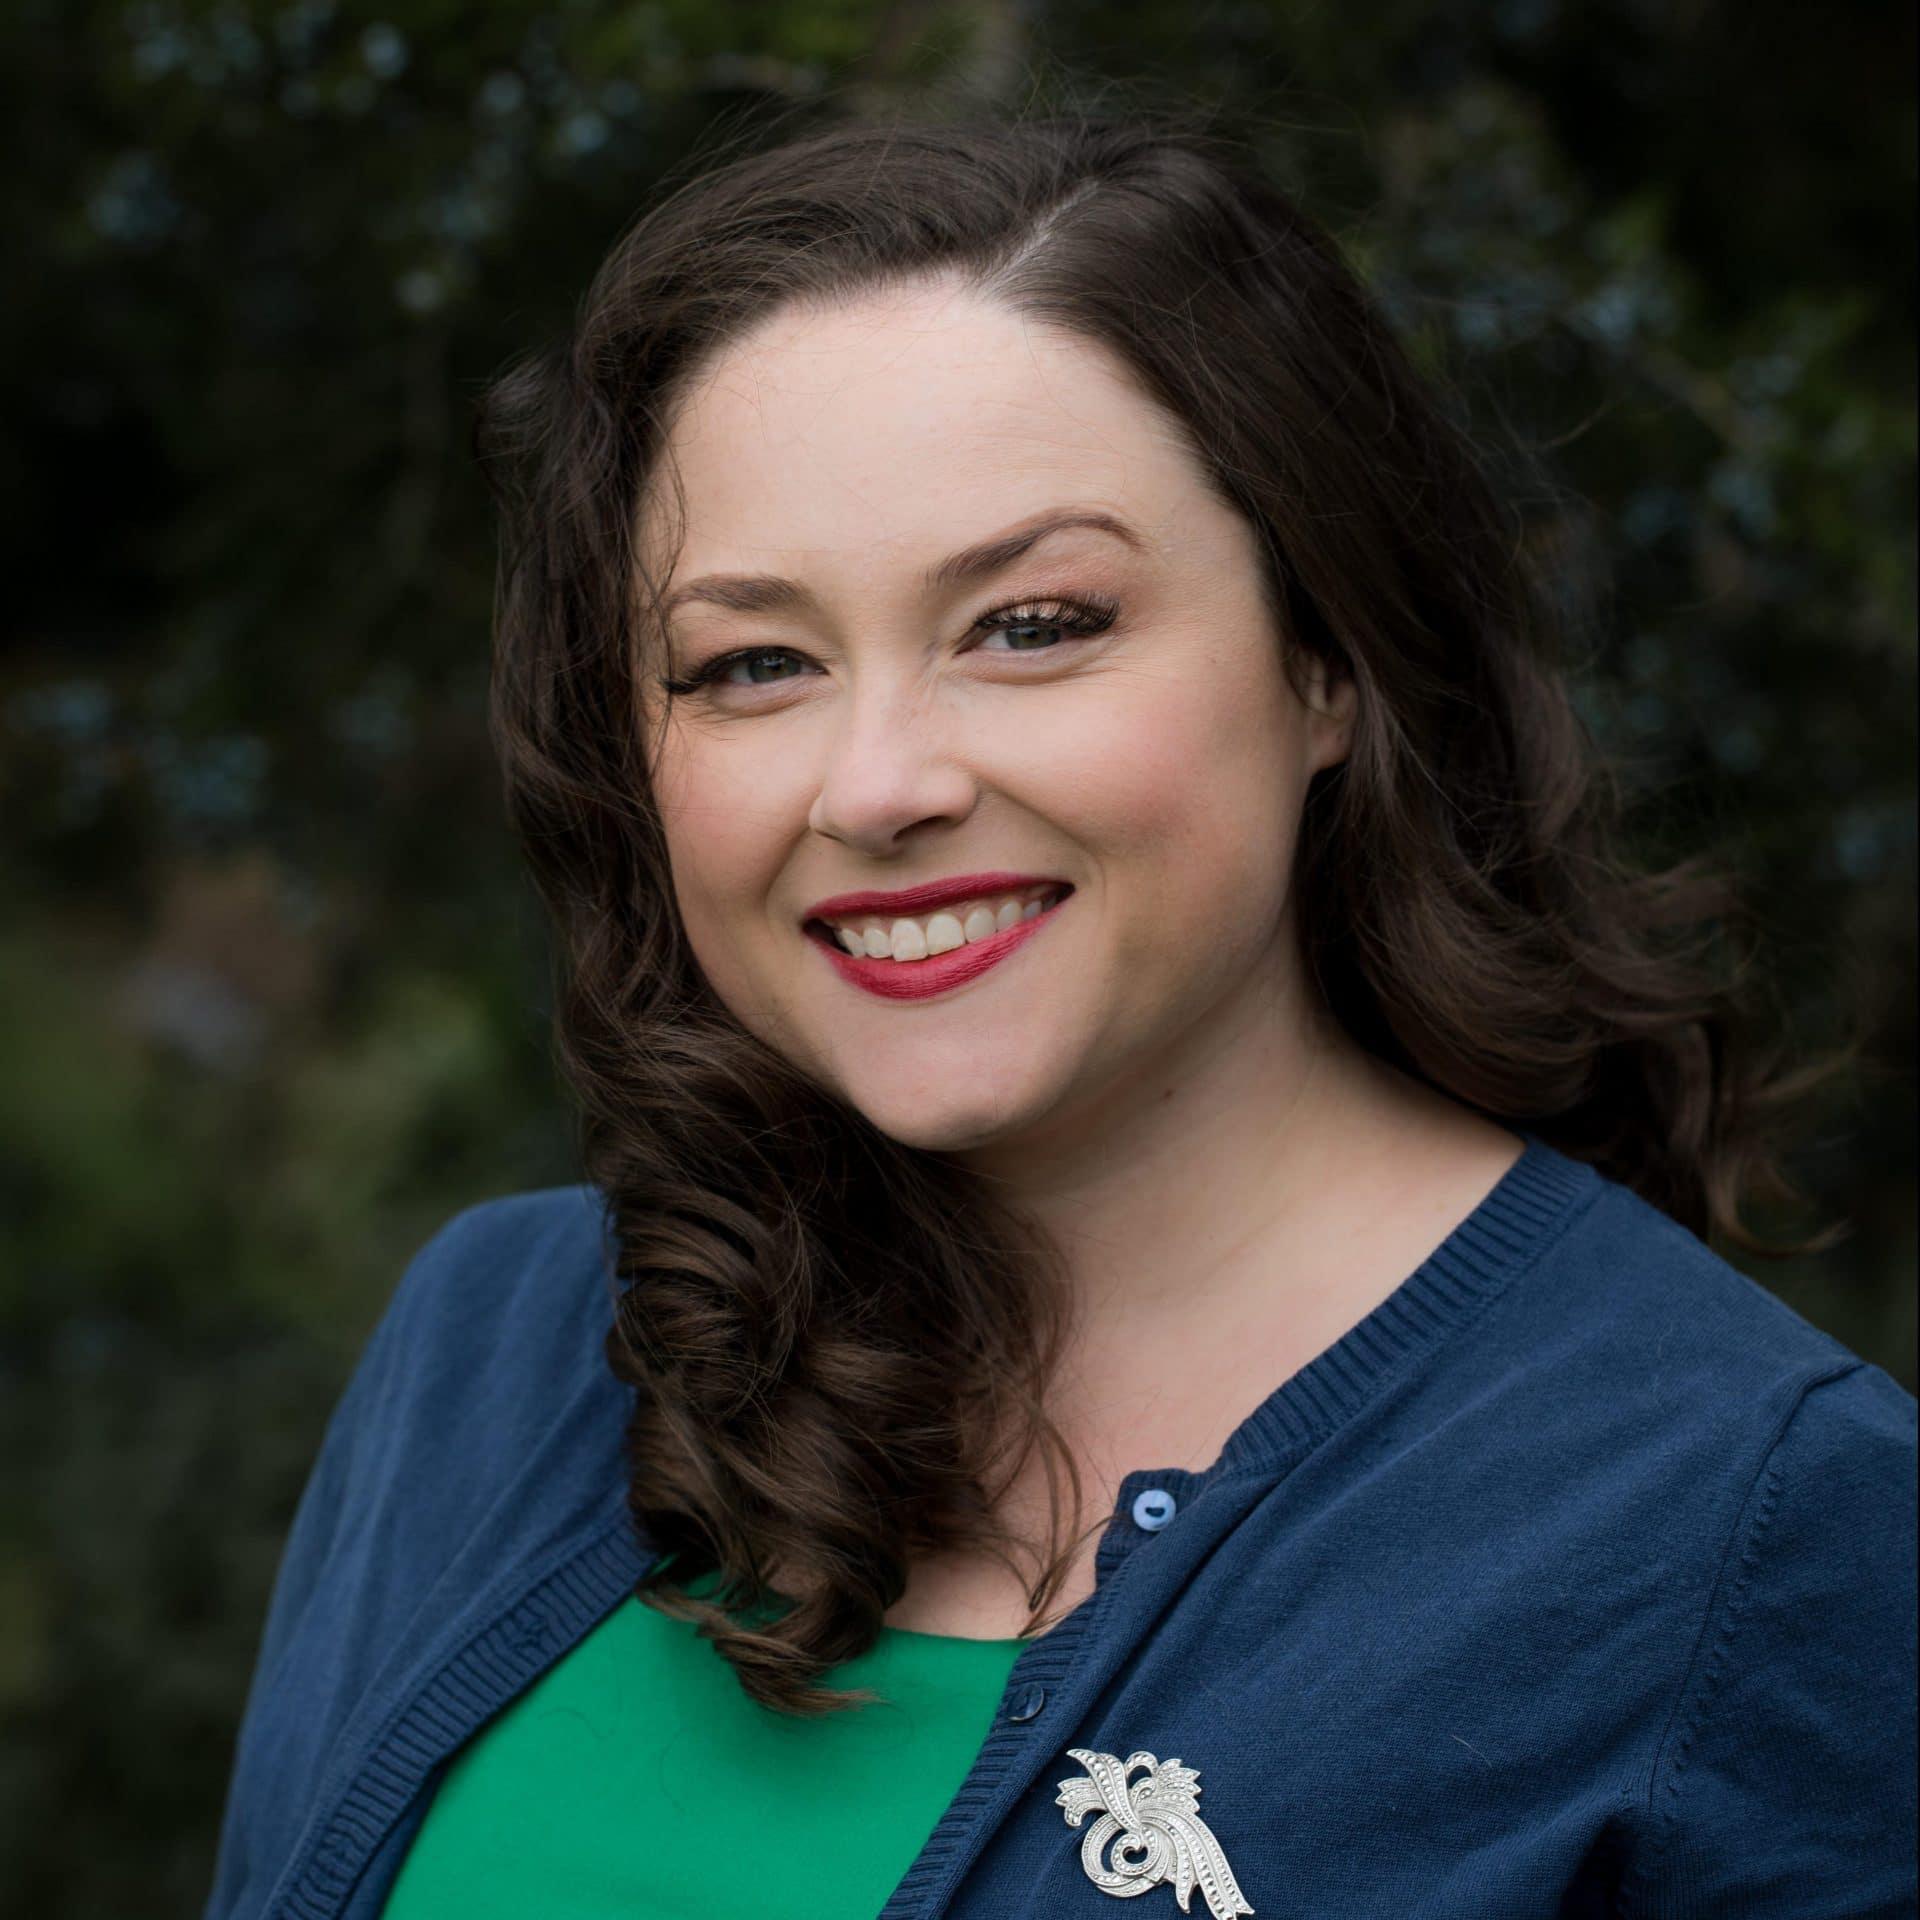 Teresa McElroy